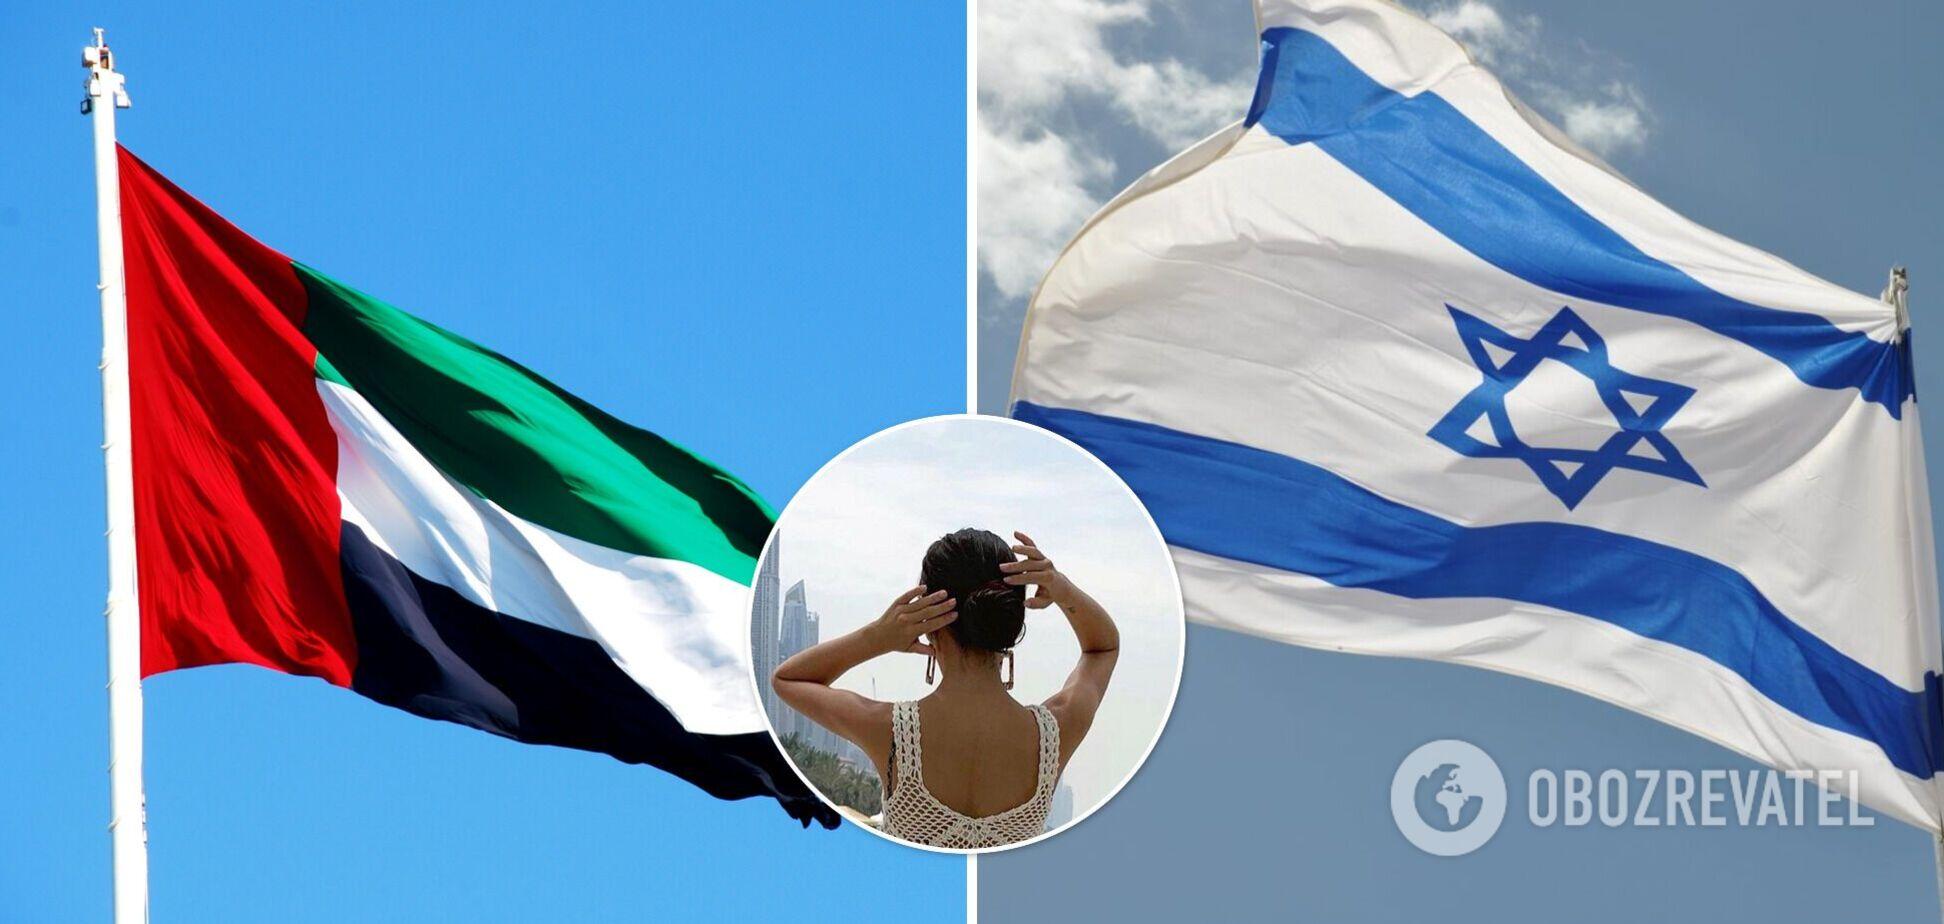 Арест голых девушек в Дубае может ударить по отношениям ОАЭ и Израиля – СМИ